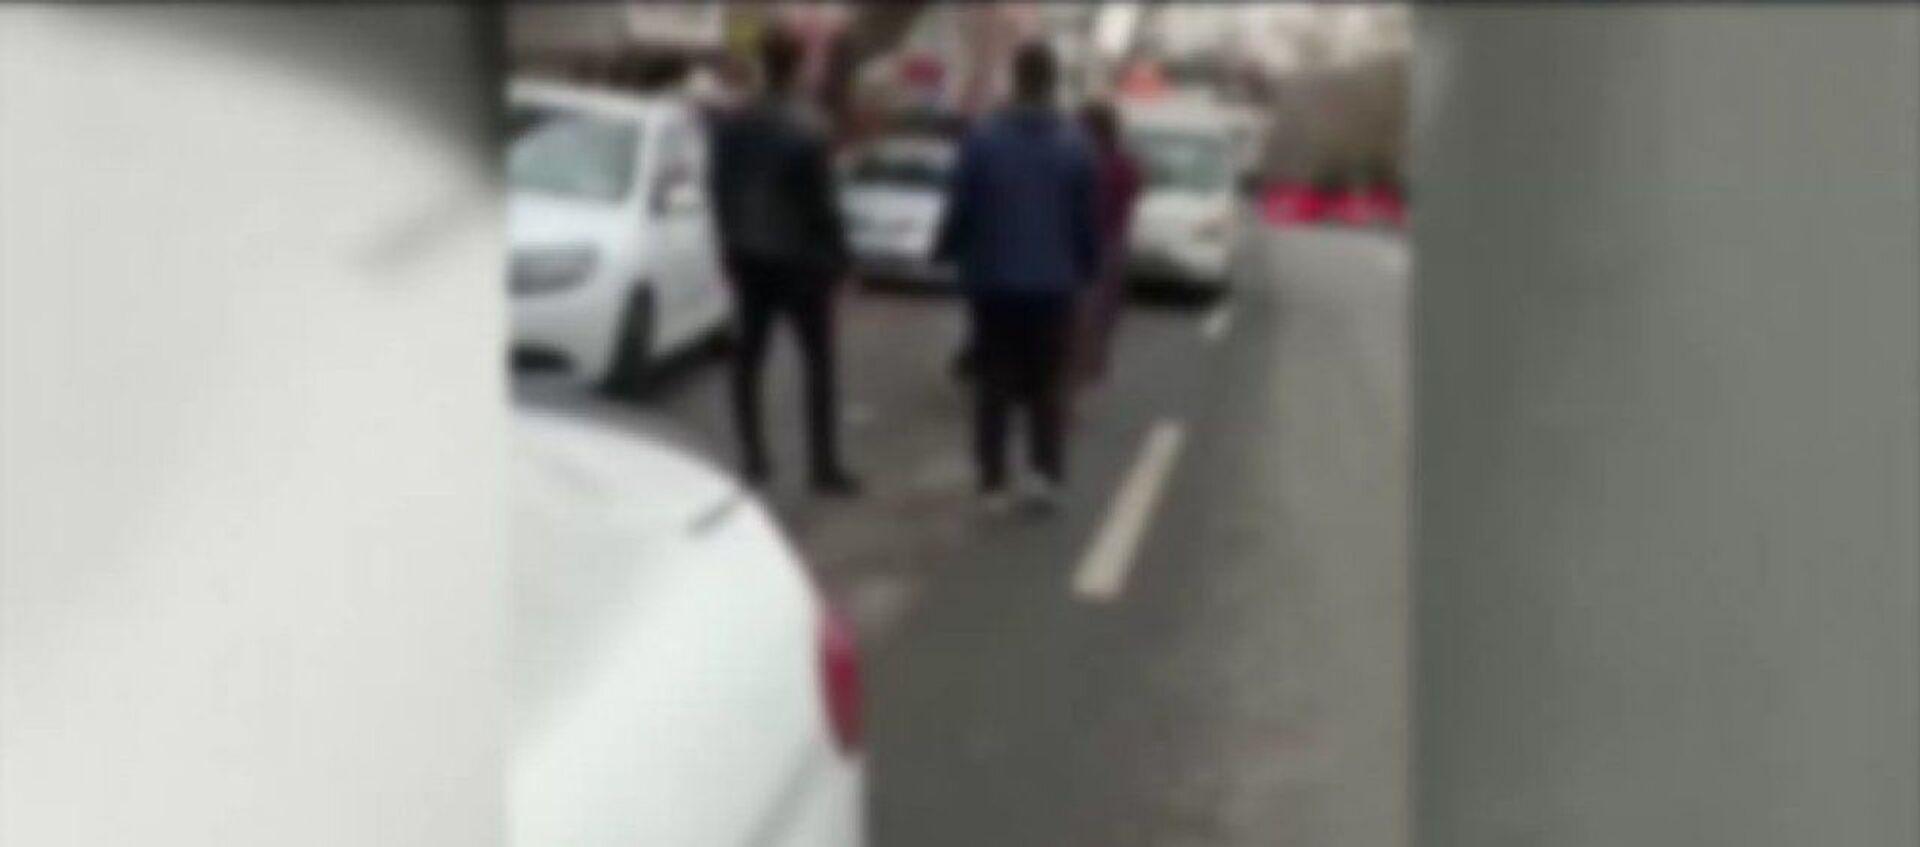 Ankara Emniyet Müdürlüğü, kadına şiddet uygulayan bir kişinin görüntüleri hakkında açıklama yaptı. Açıklamada, olaya karıştığı tespit edilen 3 kişinin 3 Ekim 2020 tarihinde gözaltına alındığı belirtildi. - Sputnik Türkiye, 1920, 10.03.2021